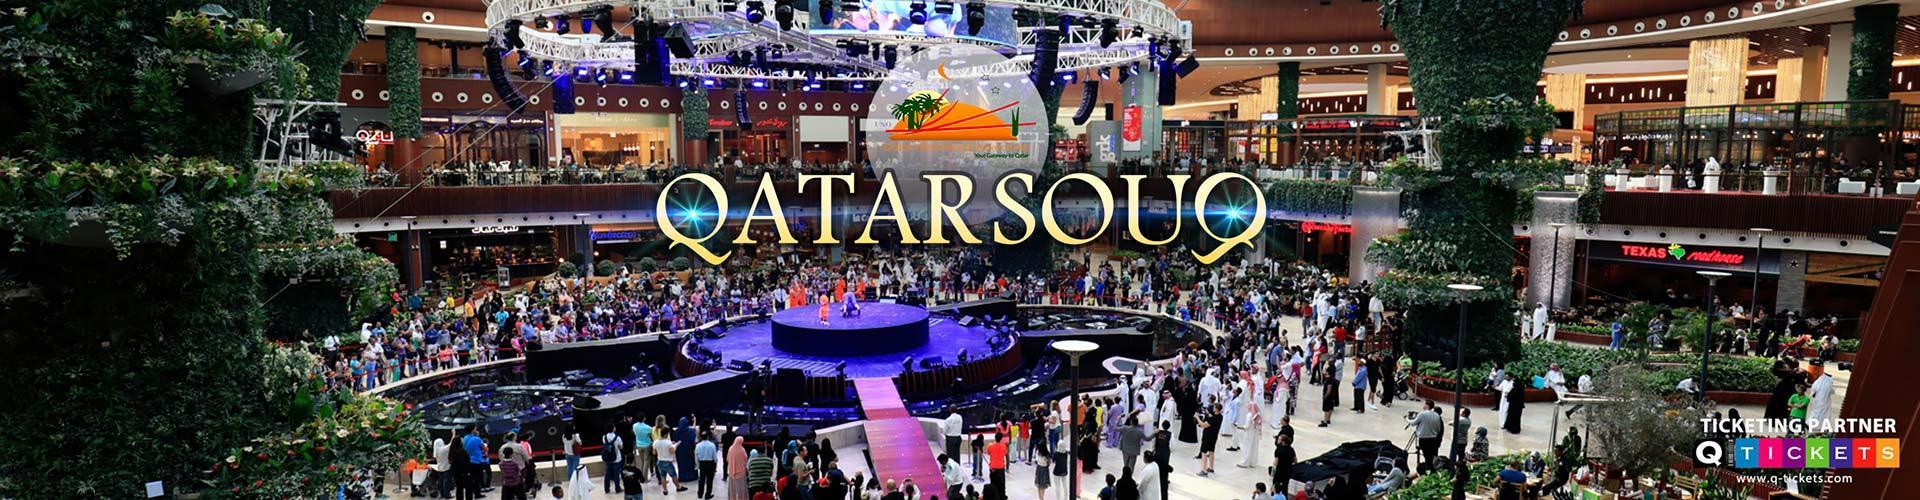 Qatar Souq Tours Tickets Online In Qatar | Q - tickets